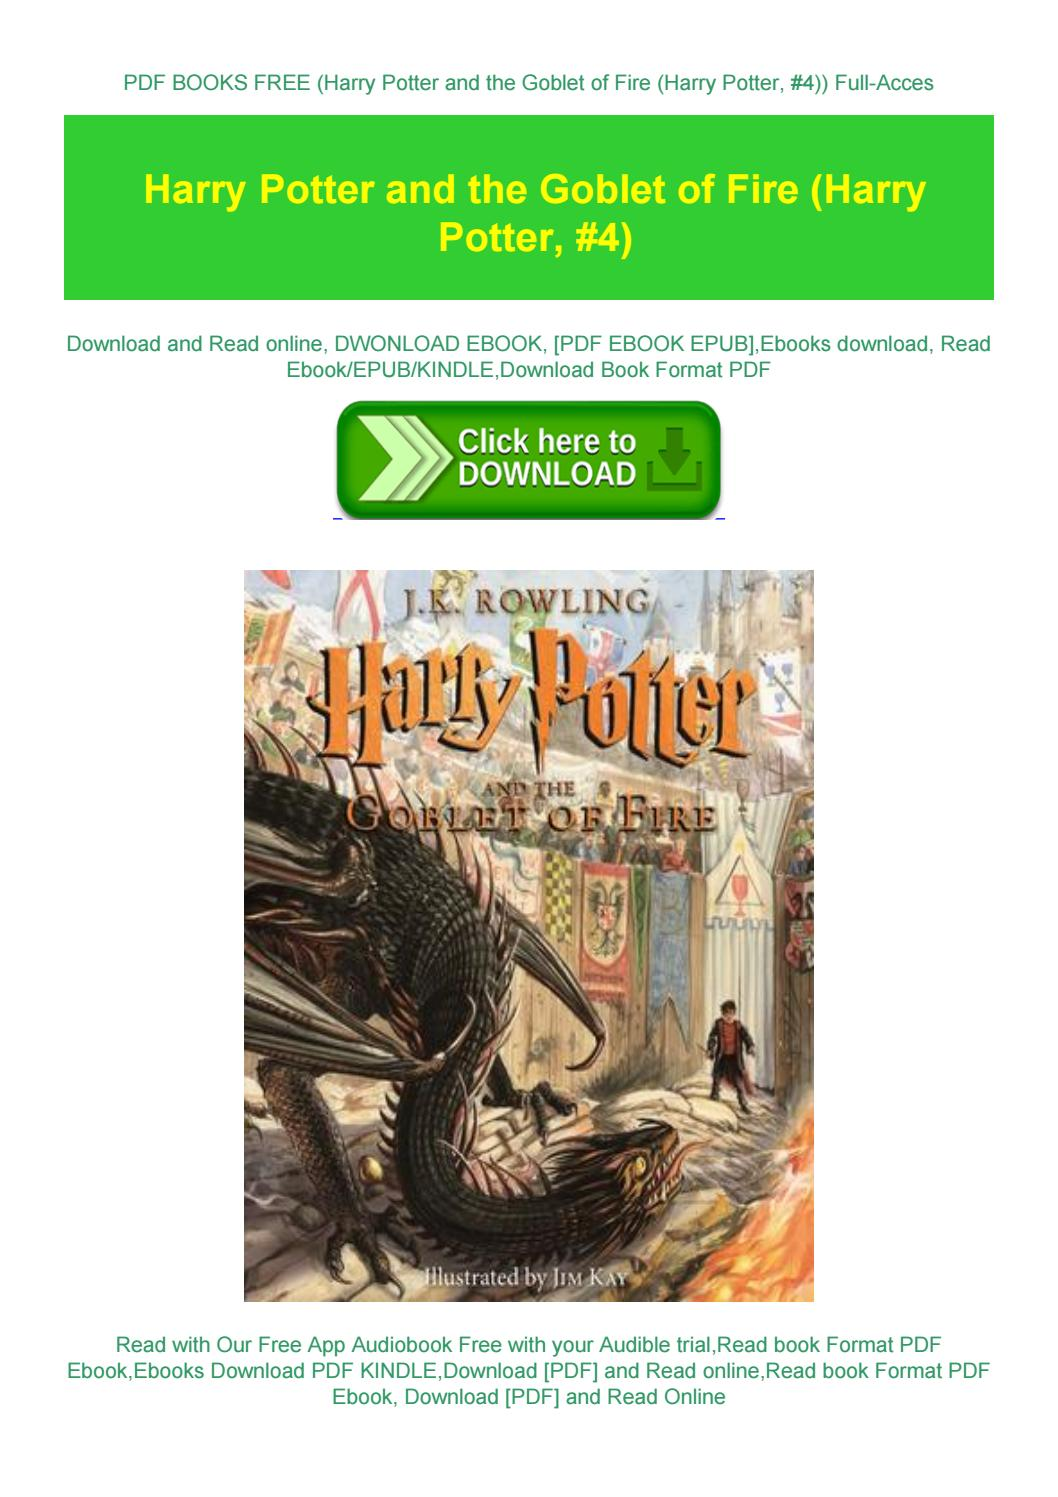 Harry Potter Books Free Pdf